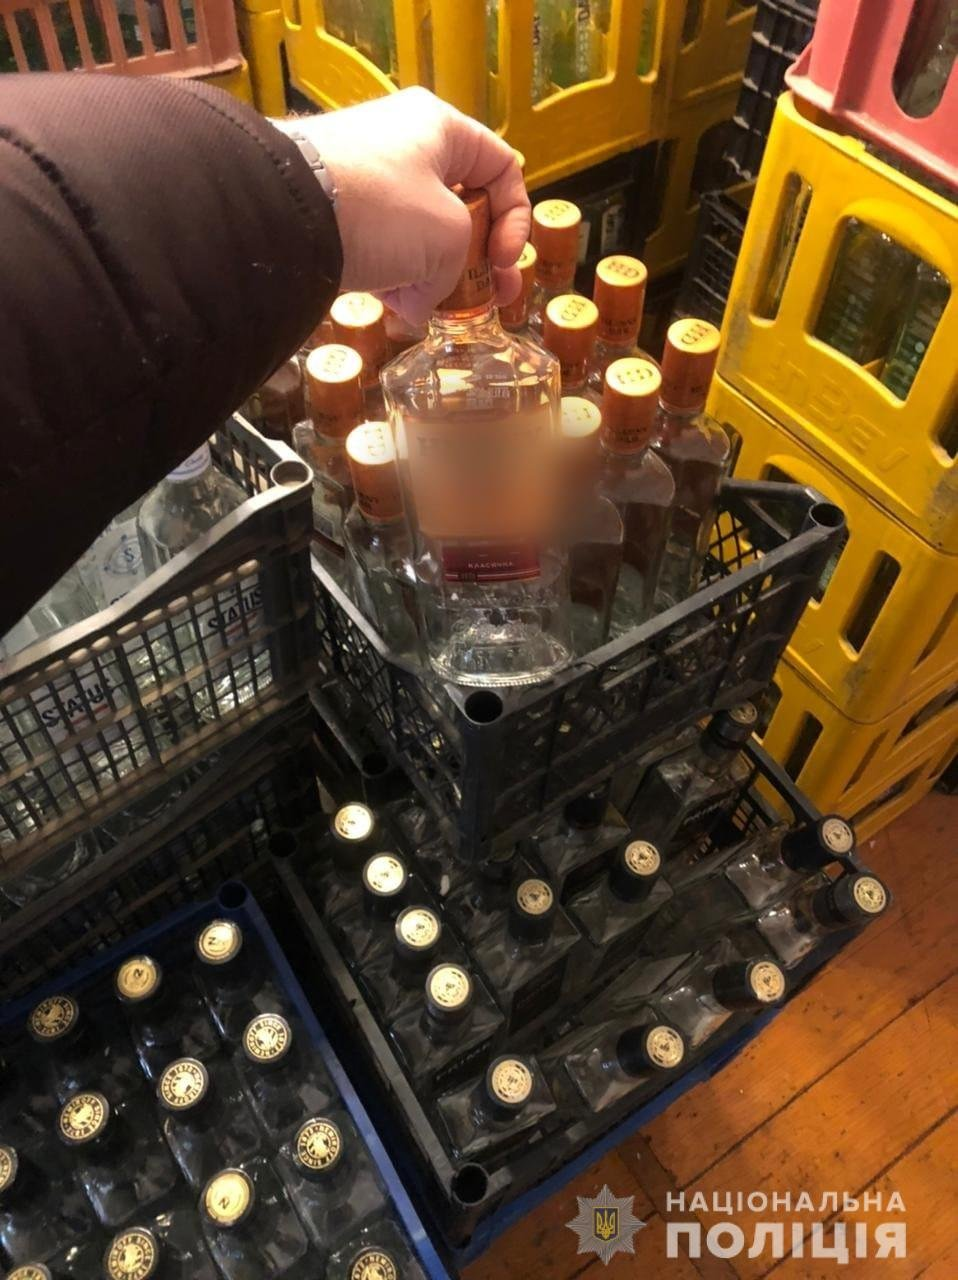 На Львівщині викрили цех із виробництвом алкогольного фальсифікату, Фото: поліція